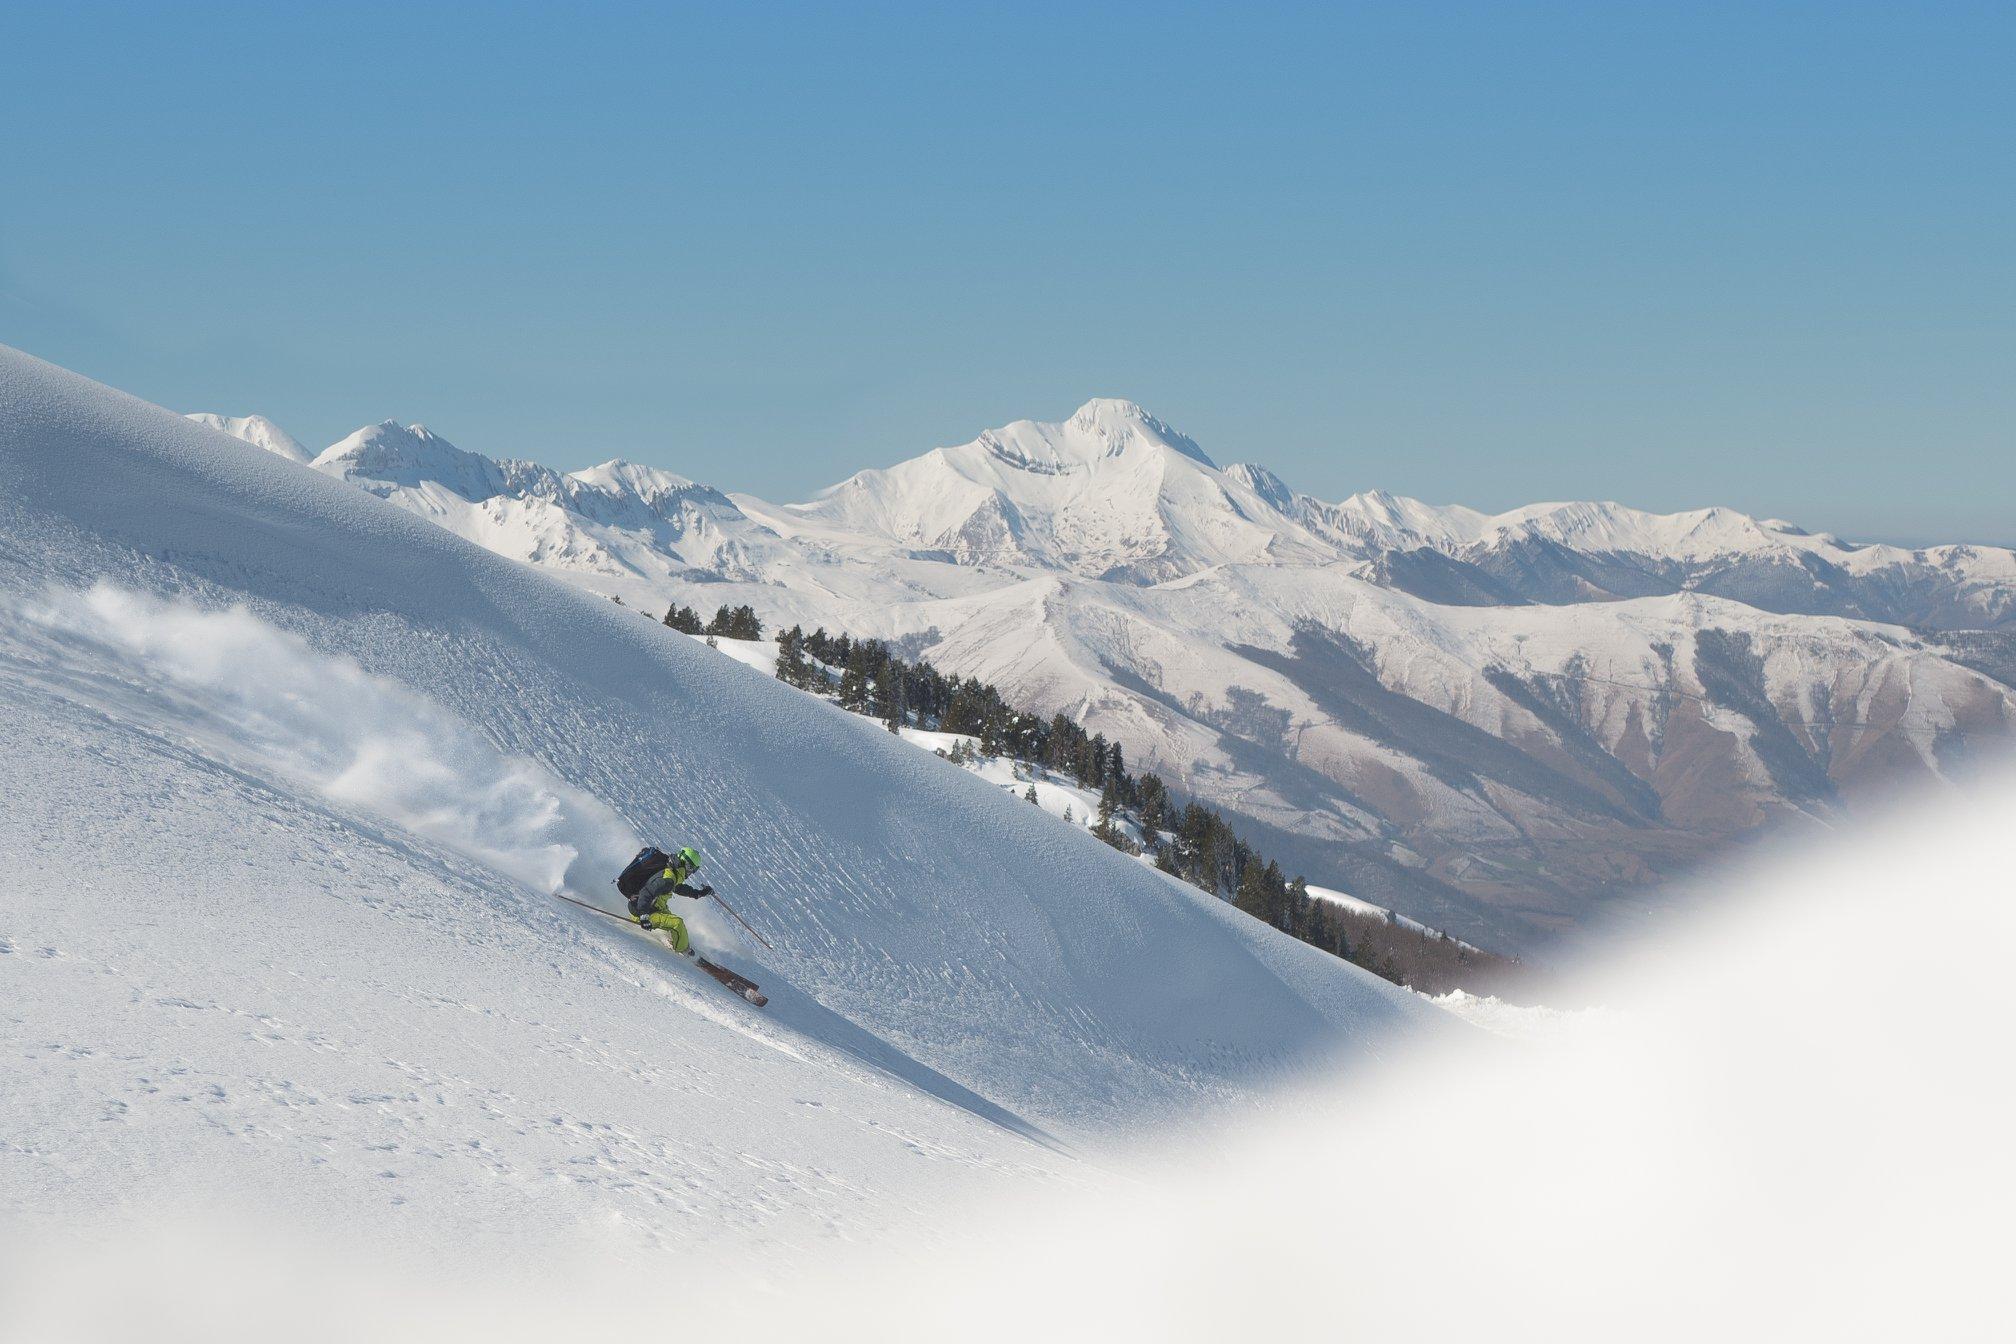 skieur descendant une face enneigée à La Pierre St martin, avec une montagne en fond